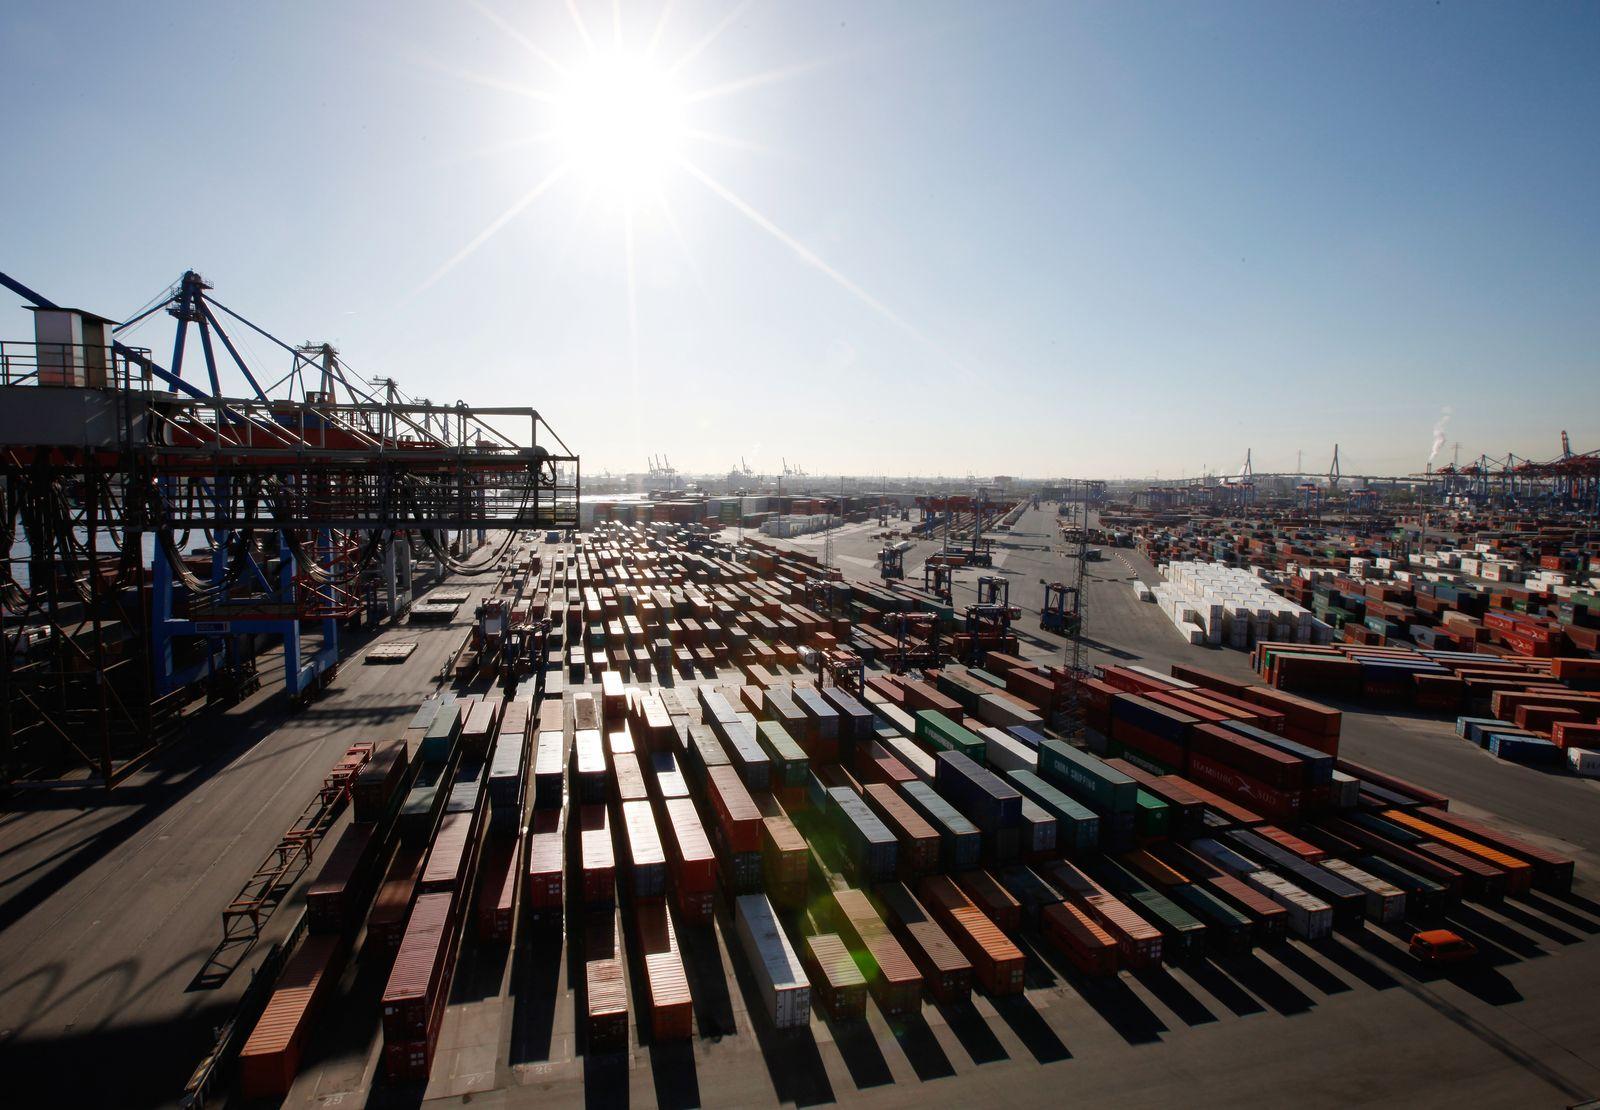 Hafen/ Export